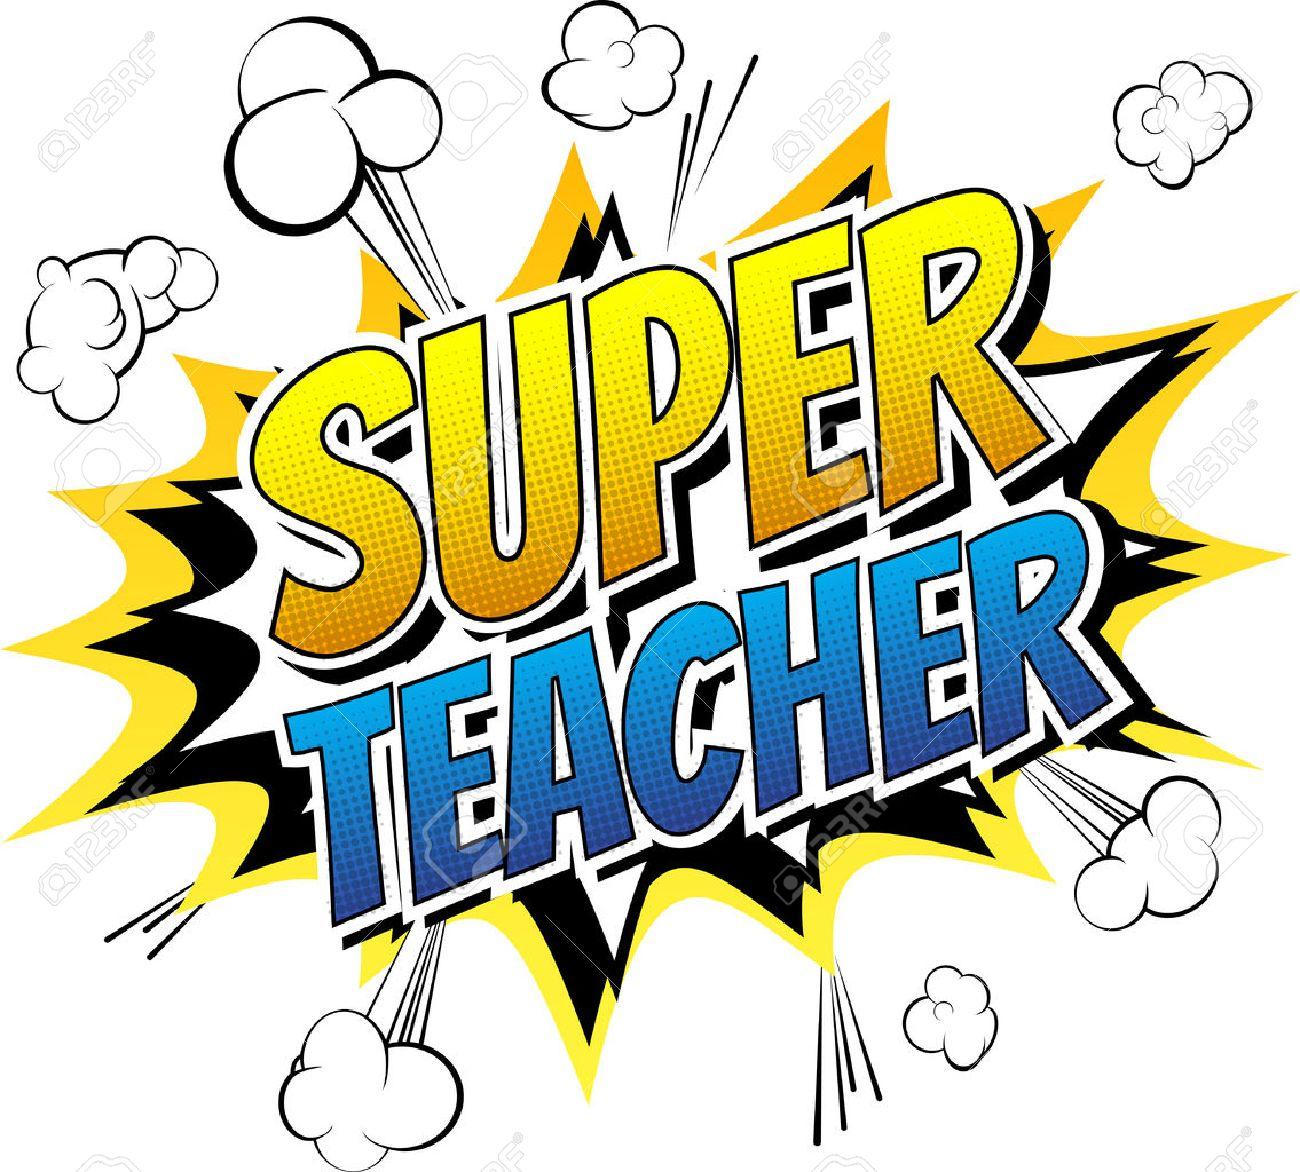 Superteacher. DEPTH-TORTURE.GQ